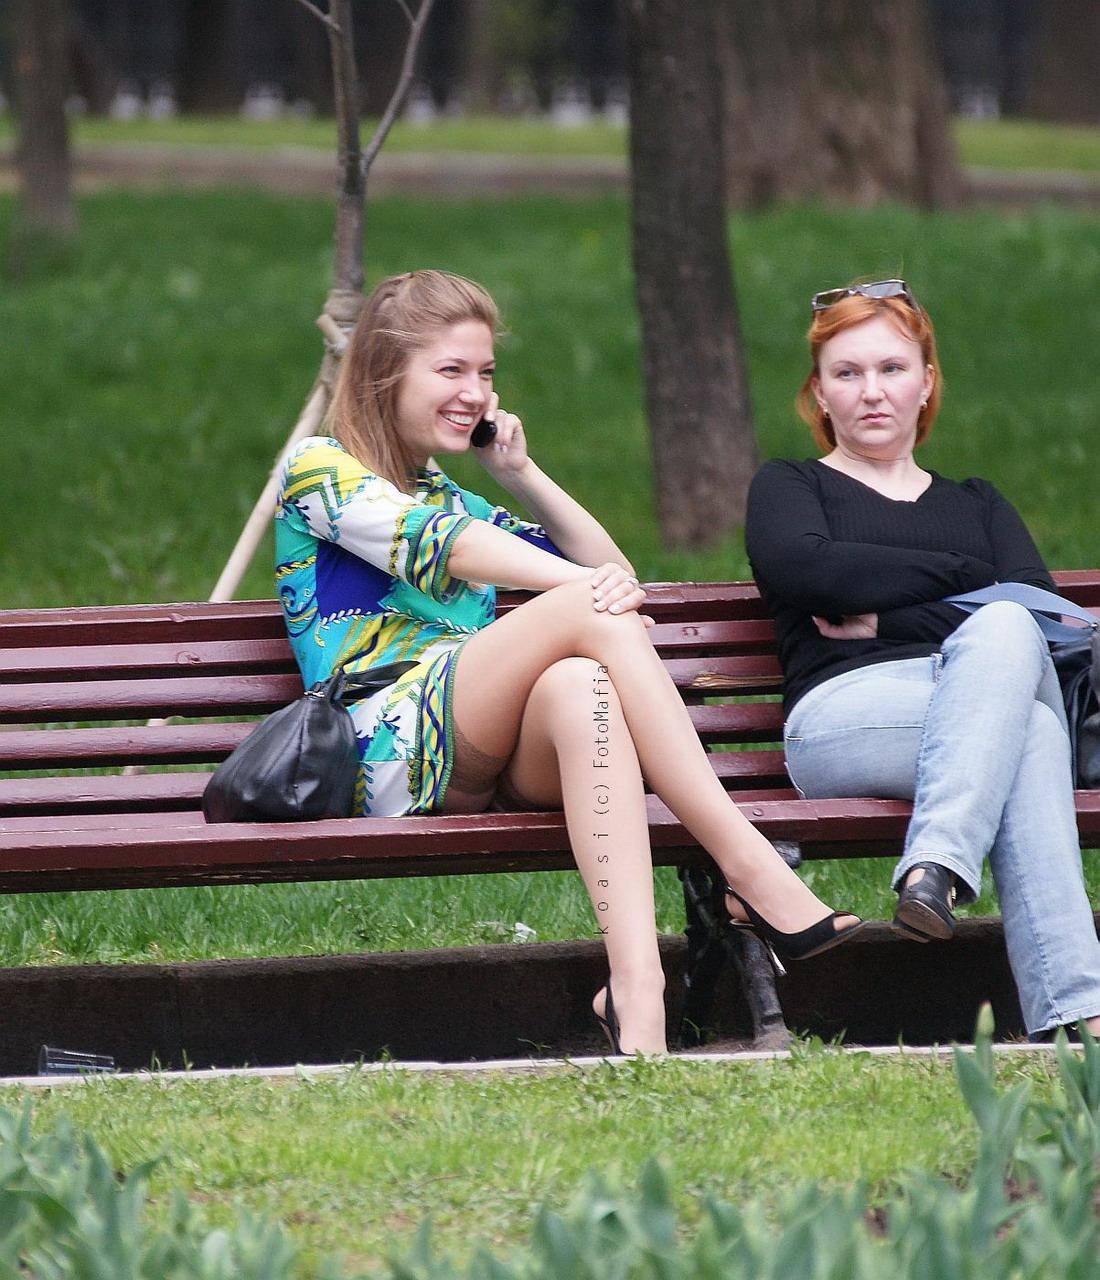 Девочки писают на улице онлайн 7 фотография